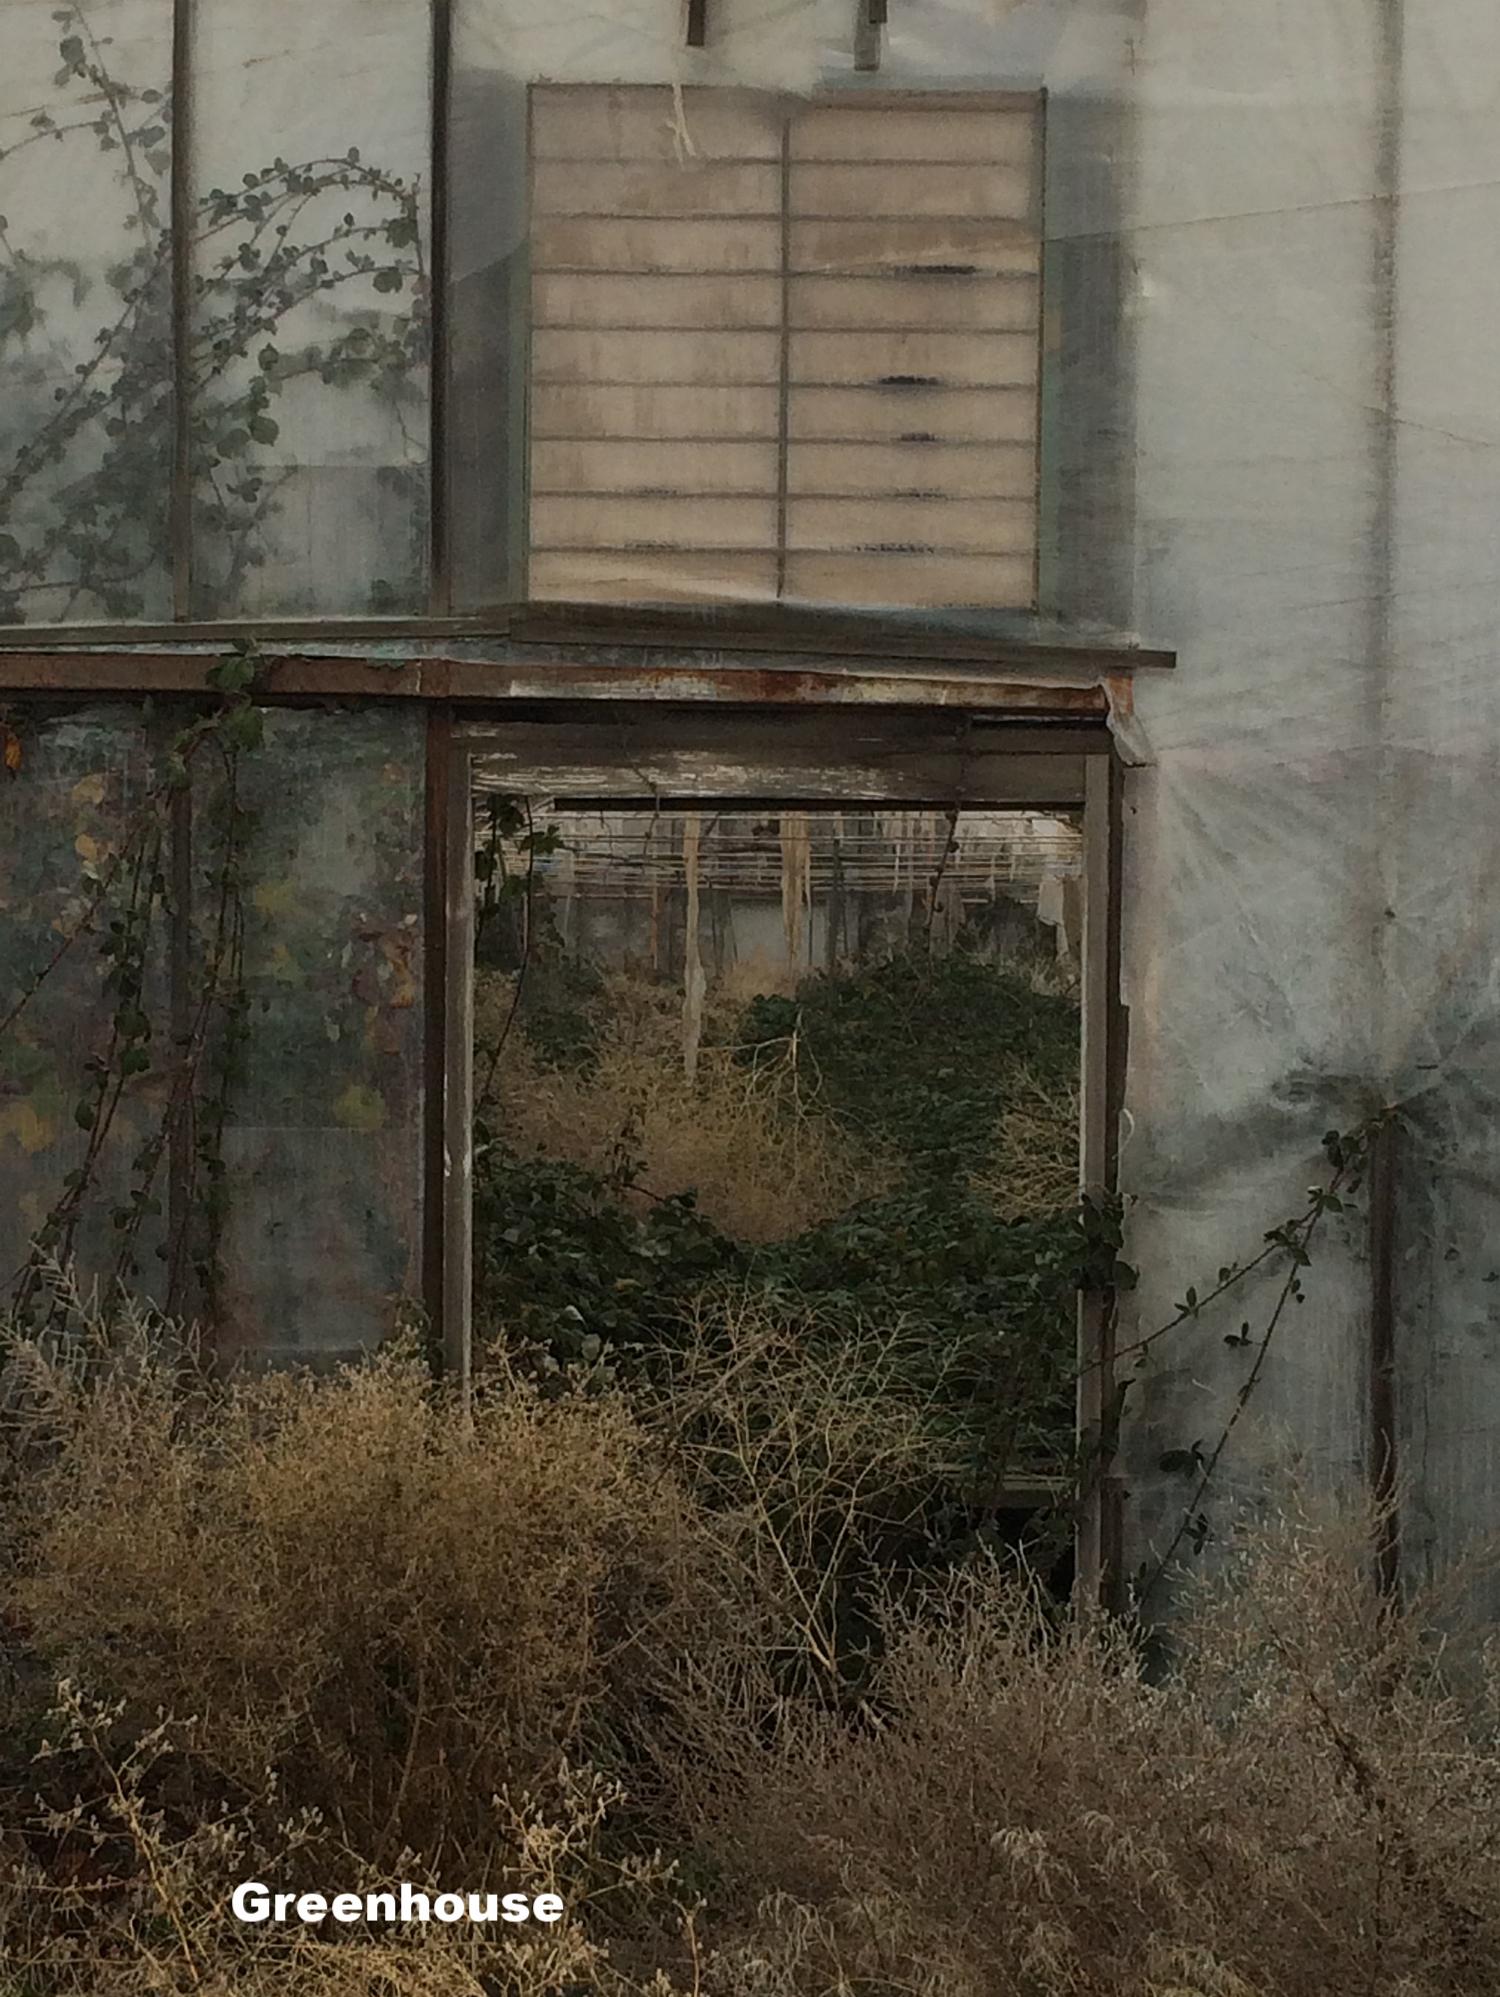 8x10_Greenhouse.jpg